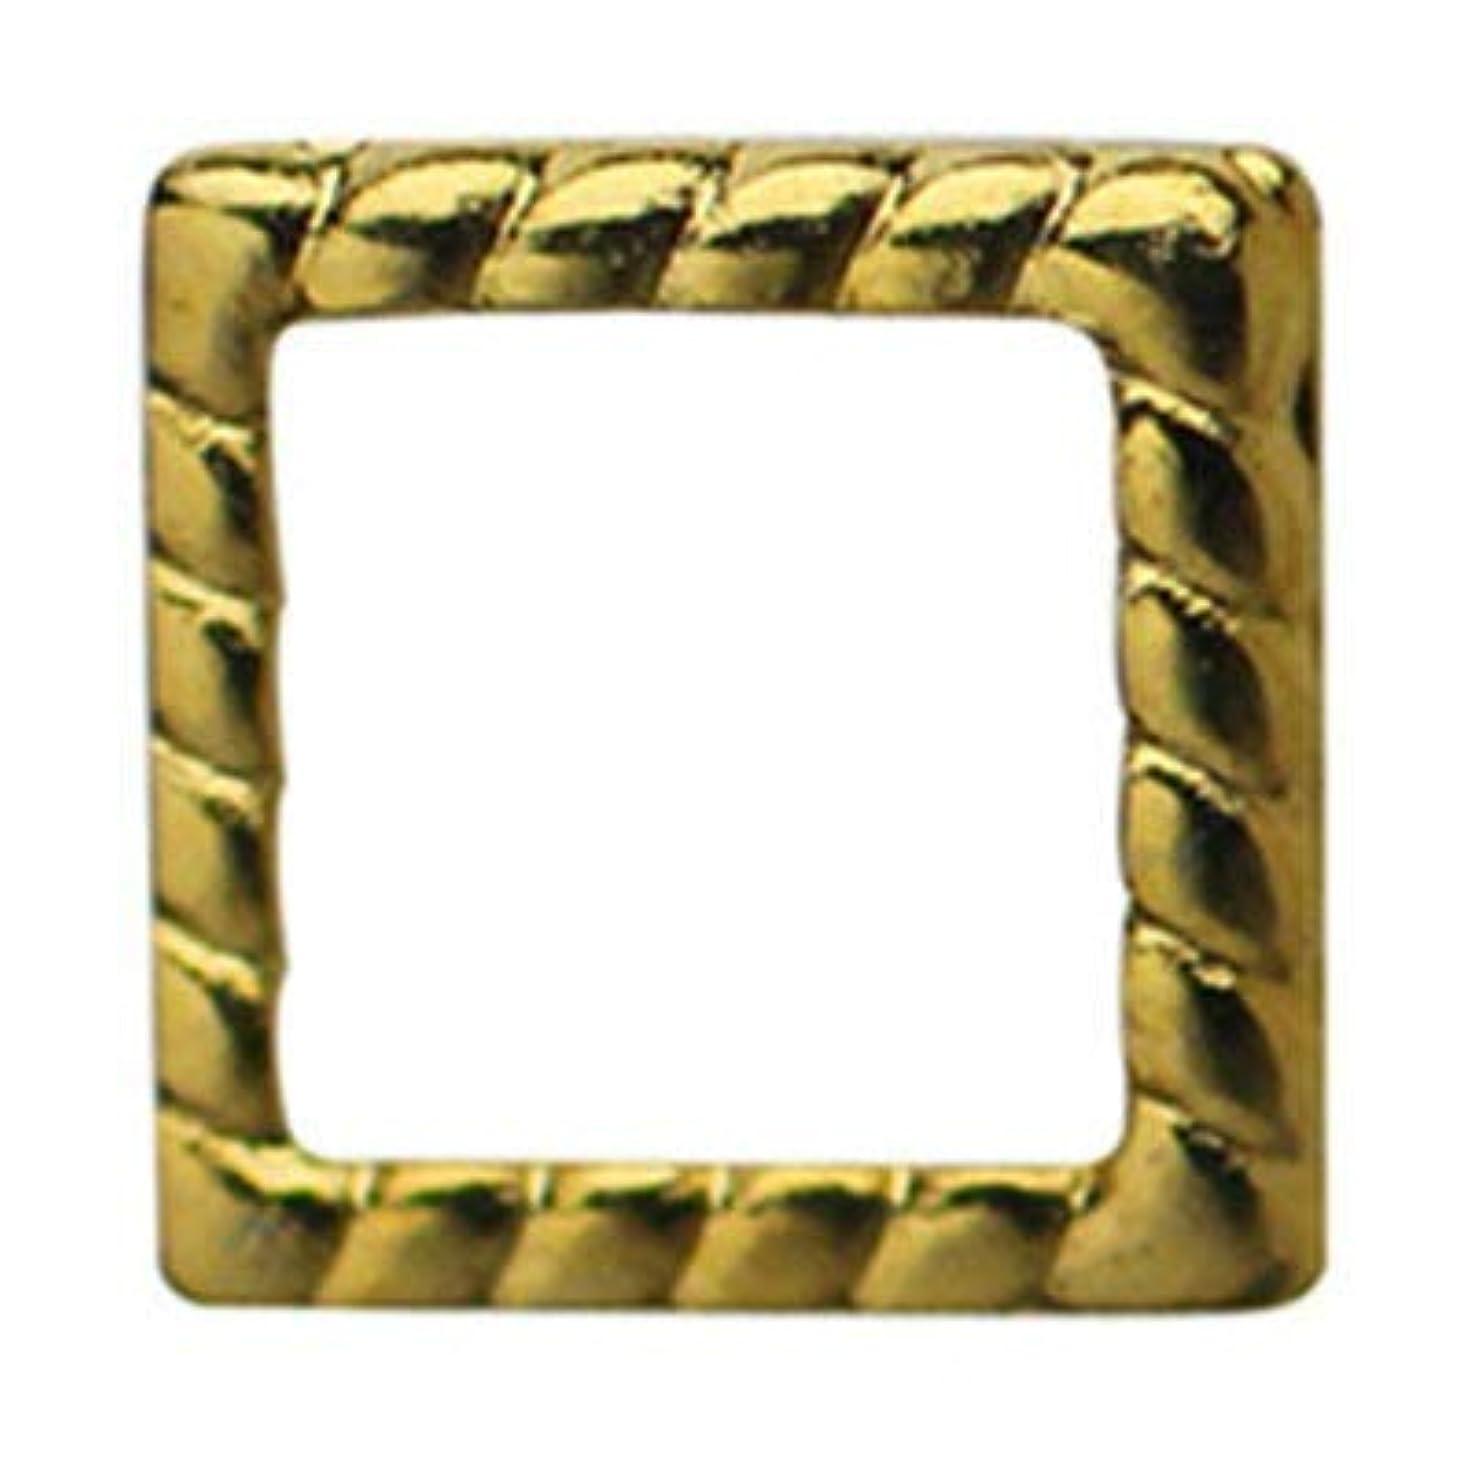 過敏な促進するパリティSHAREYDVA ロープフレーム スクエア 中抜き 3mm (外寸4.5mm) 50P ゴールド